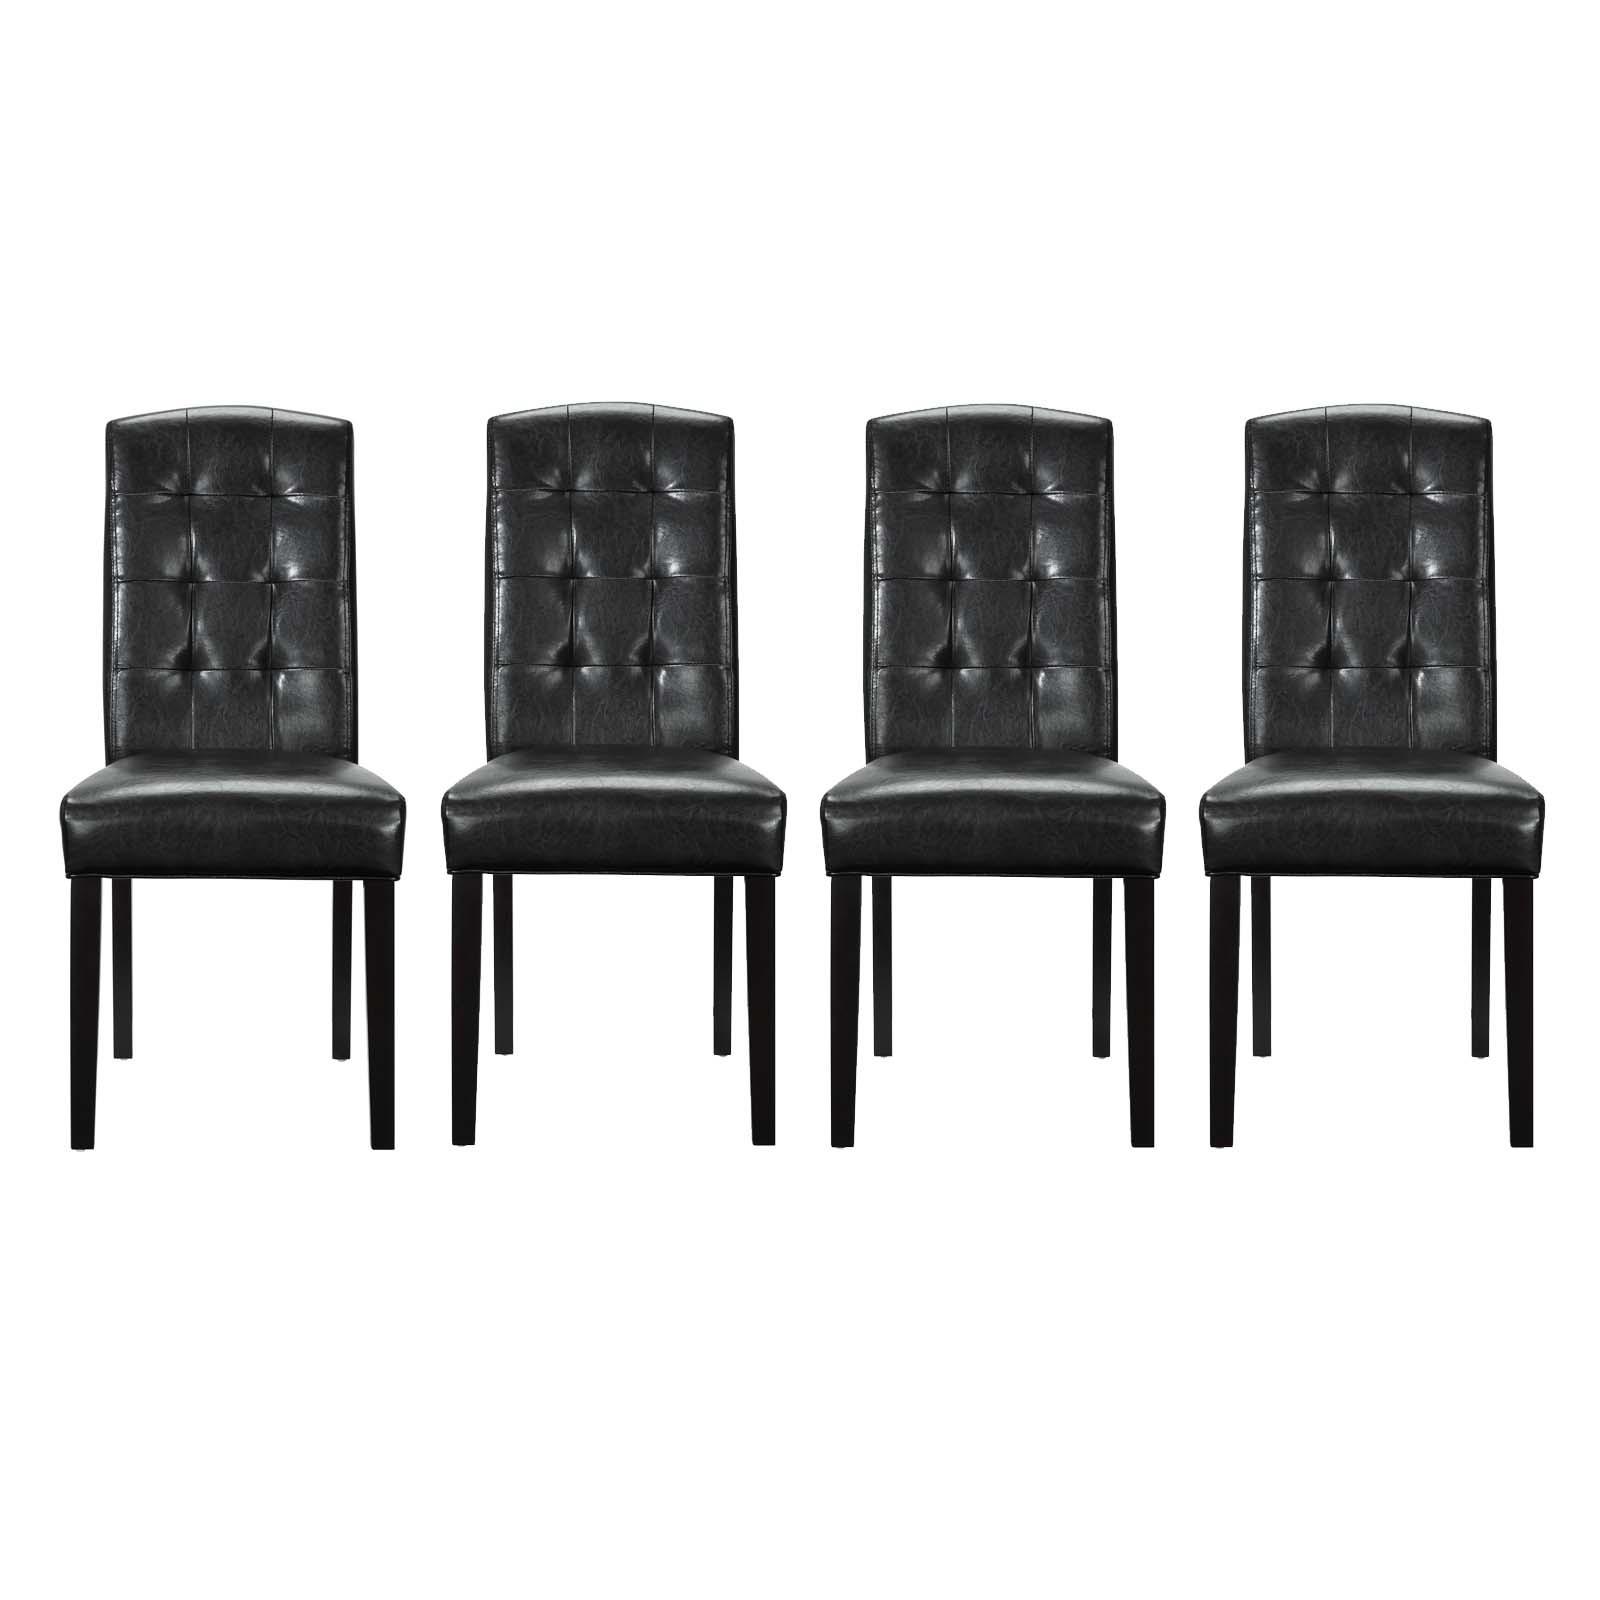 Perdure Dining Chairs Vinyl Set of 4 in Black